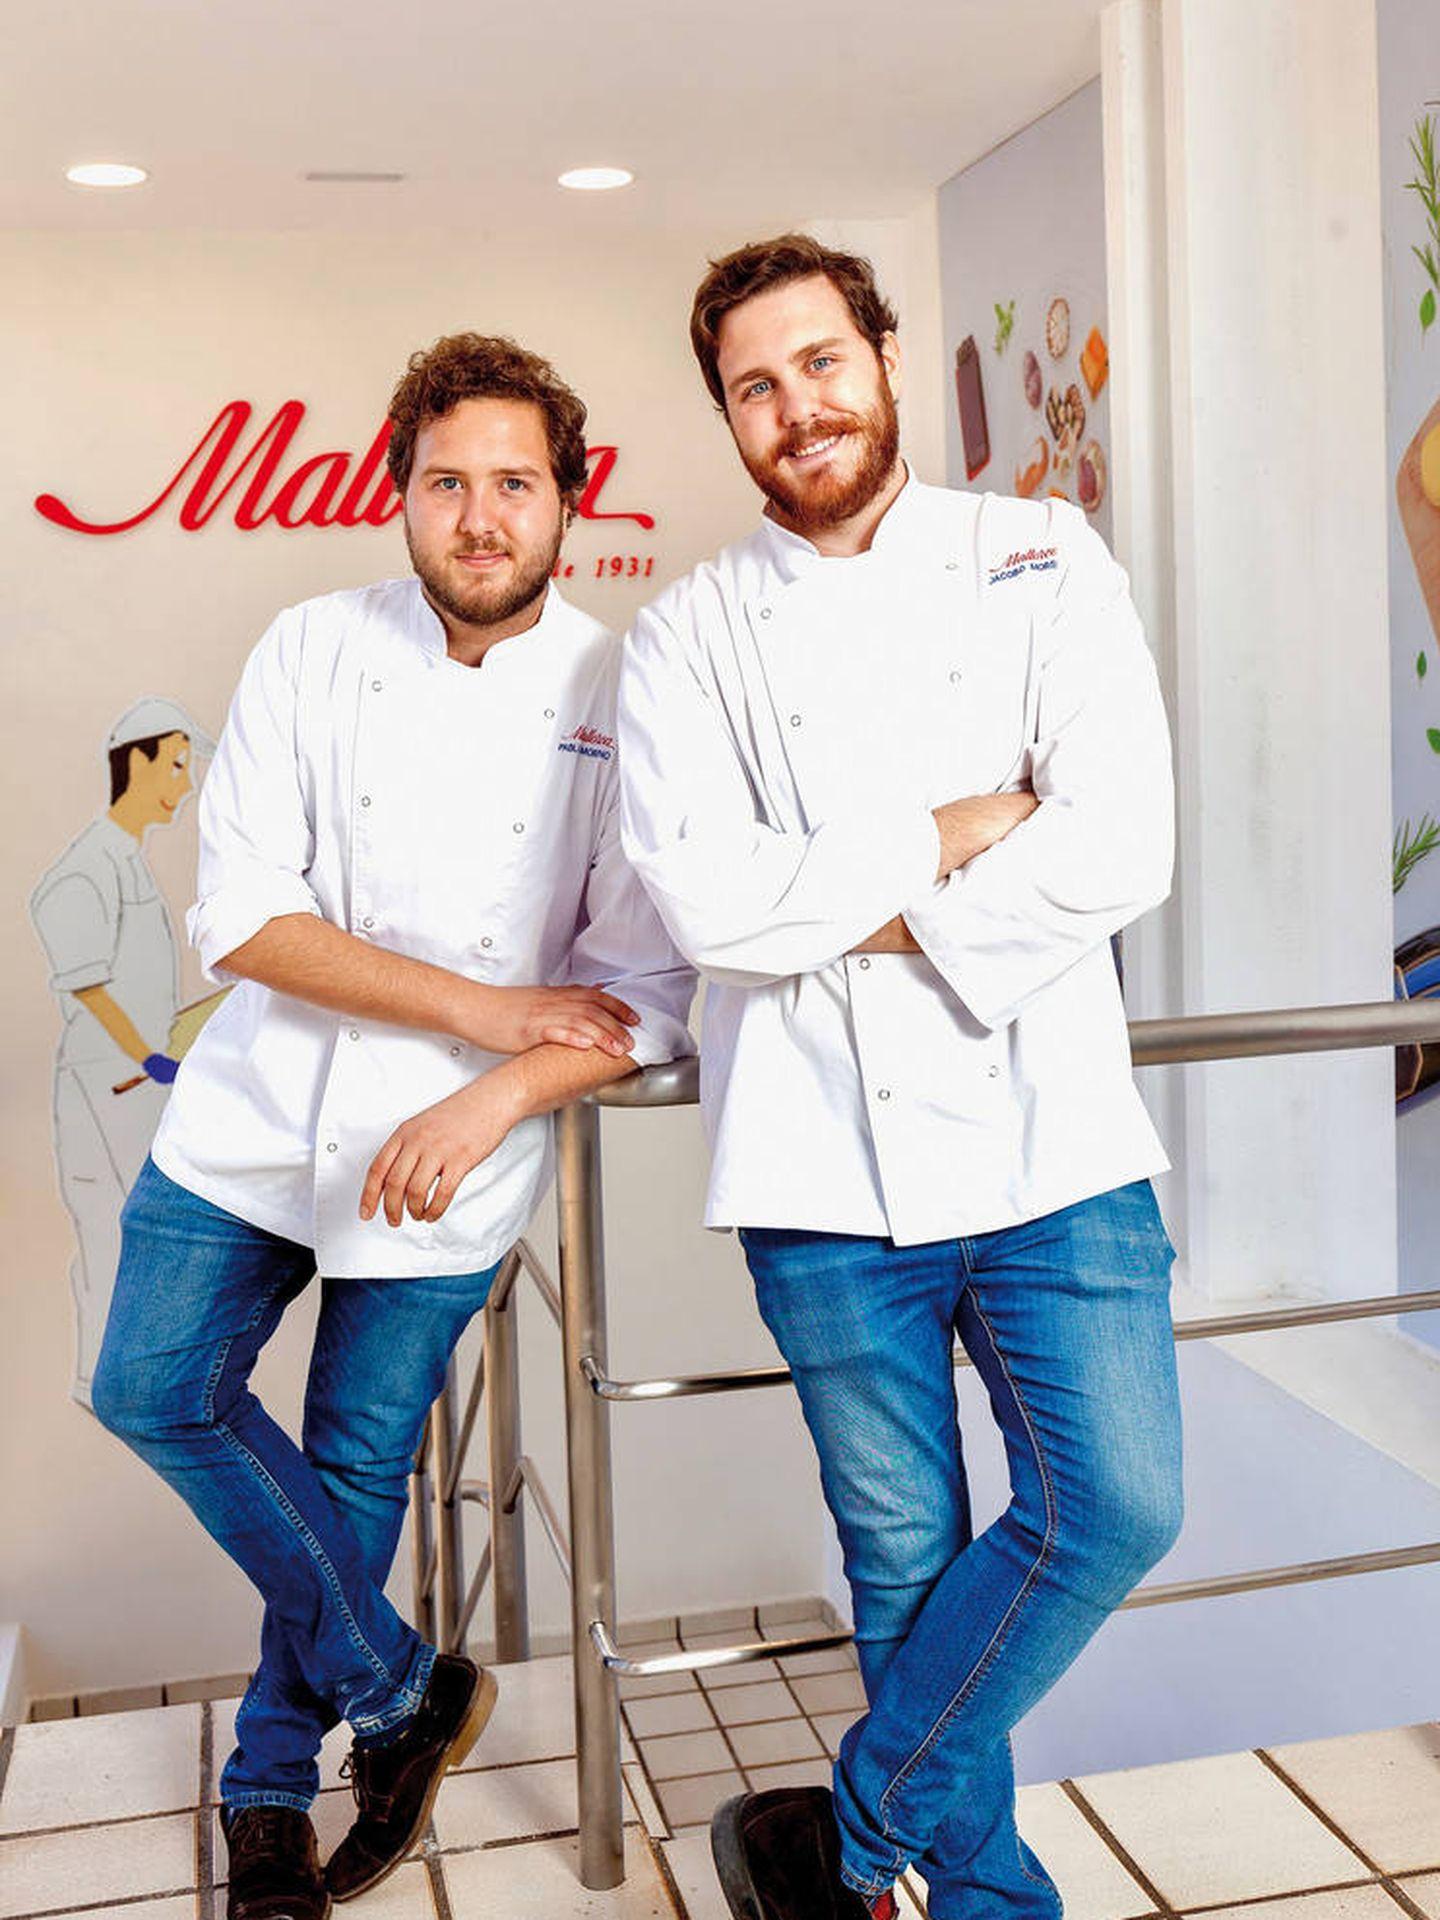 Pablo y Jacobo Moreno, cuarta generación al frente de Mallorca. (Cortesía)